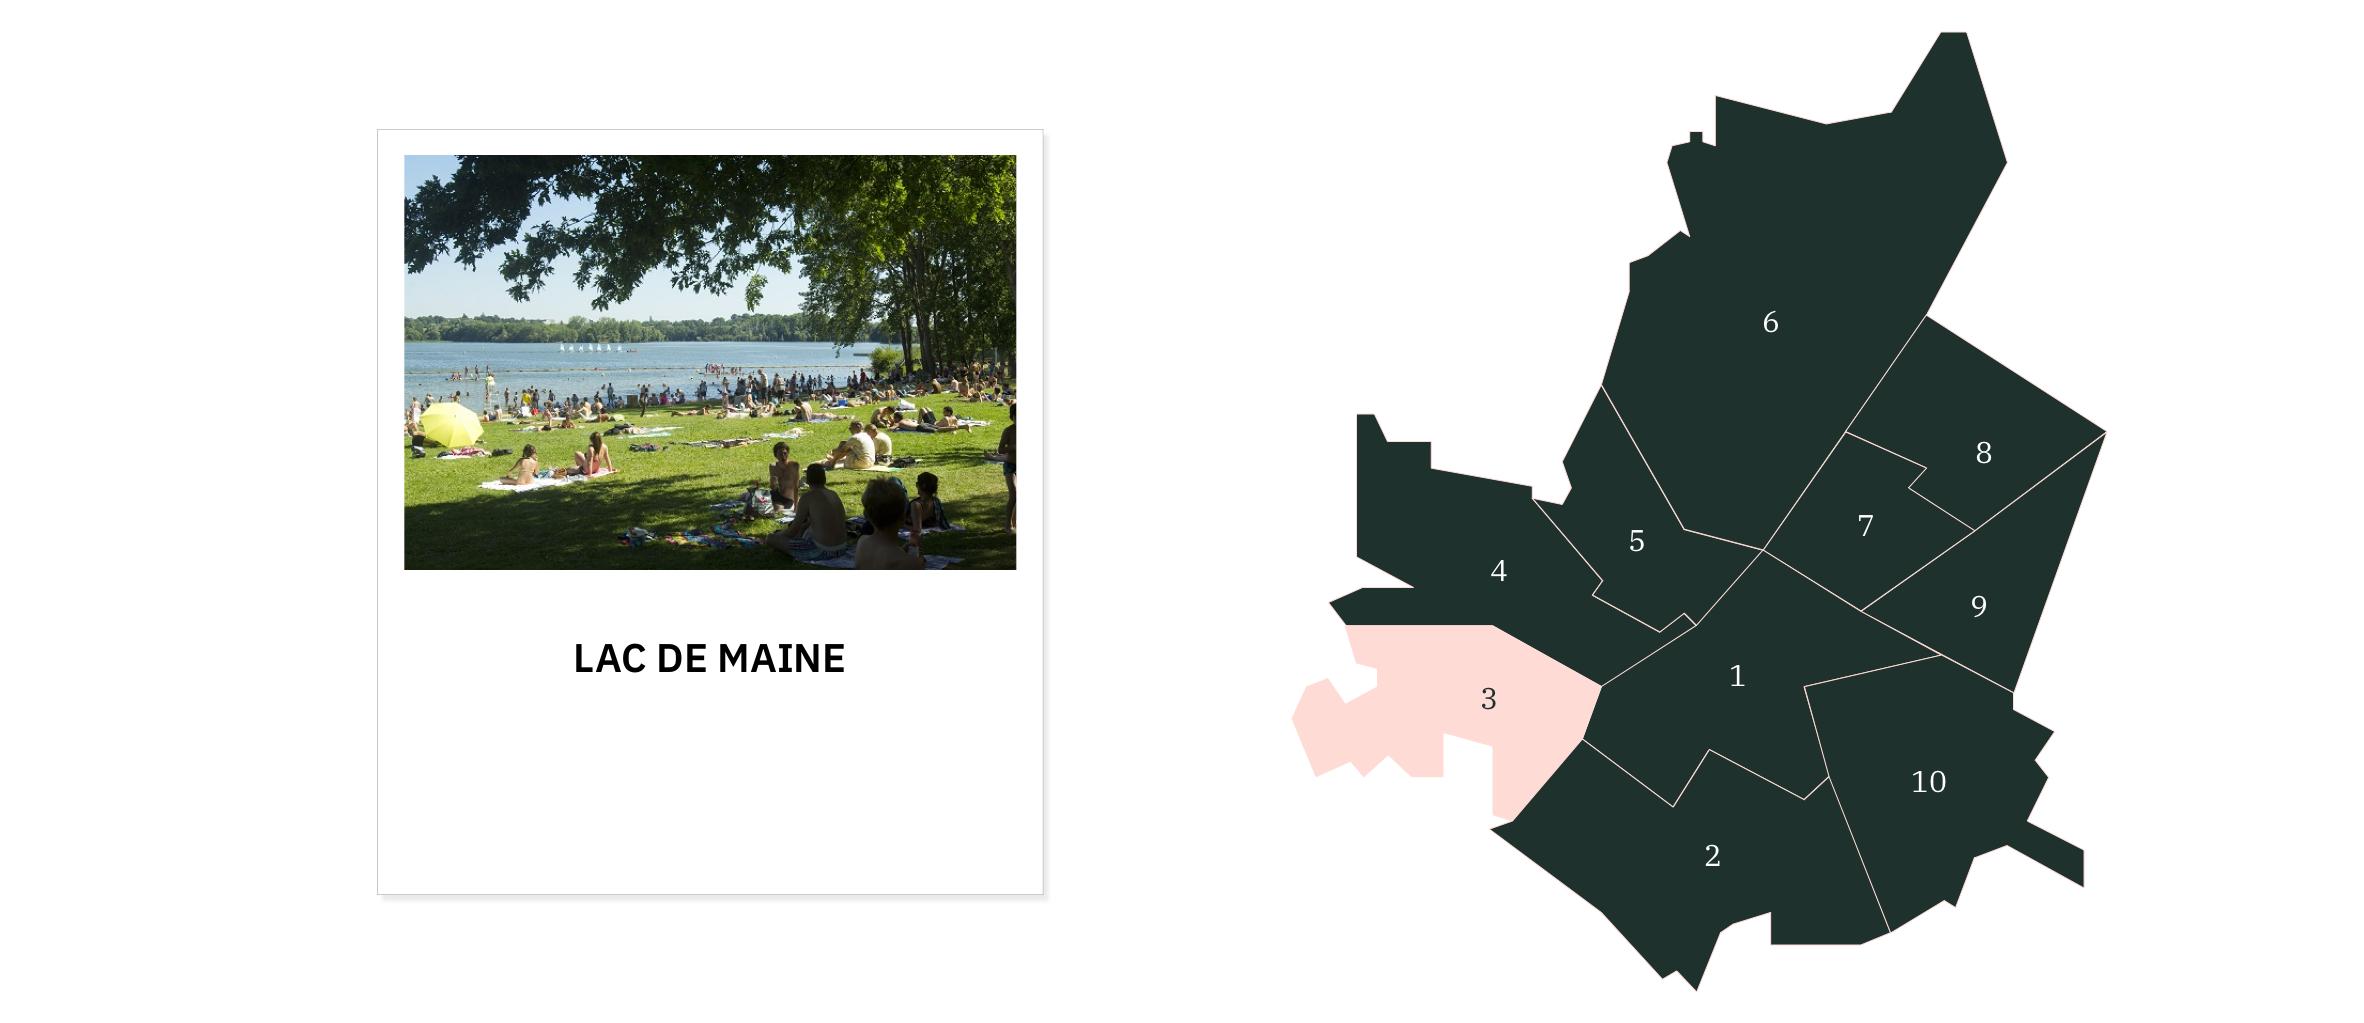 Lac de Maine⎜Carte des quartiers d'Angers